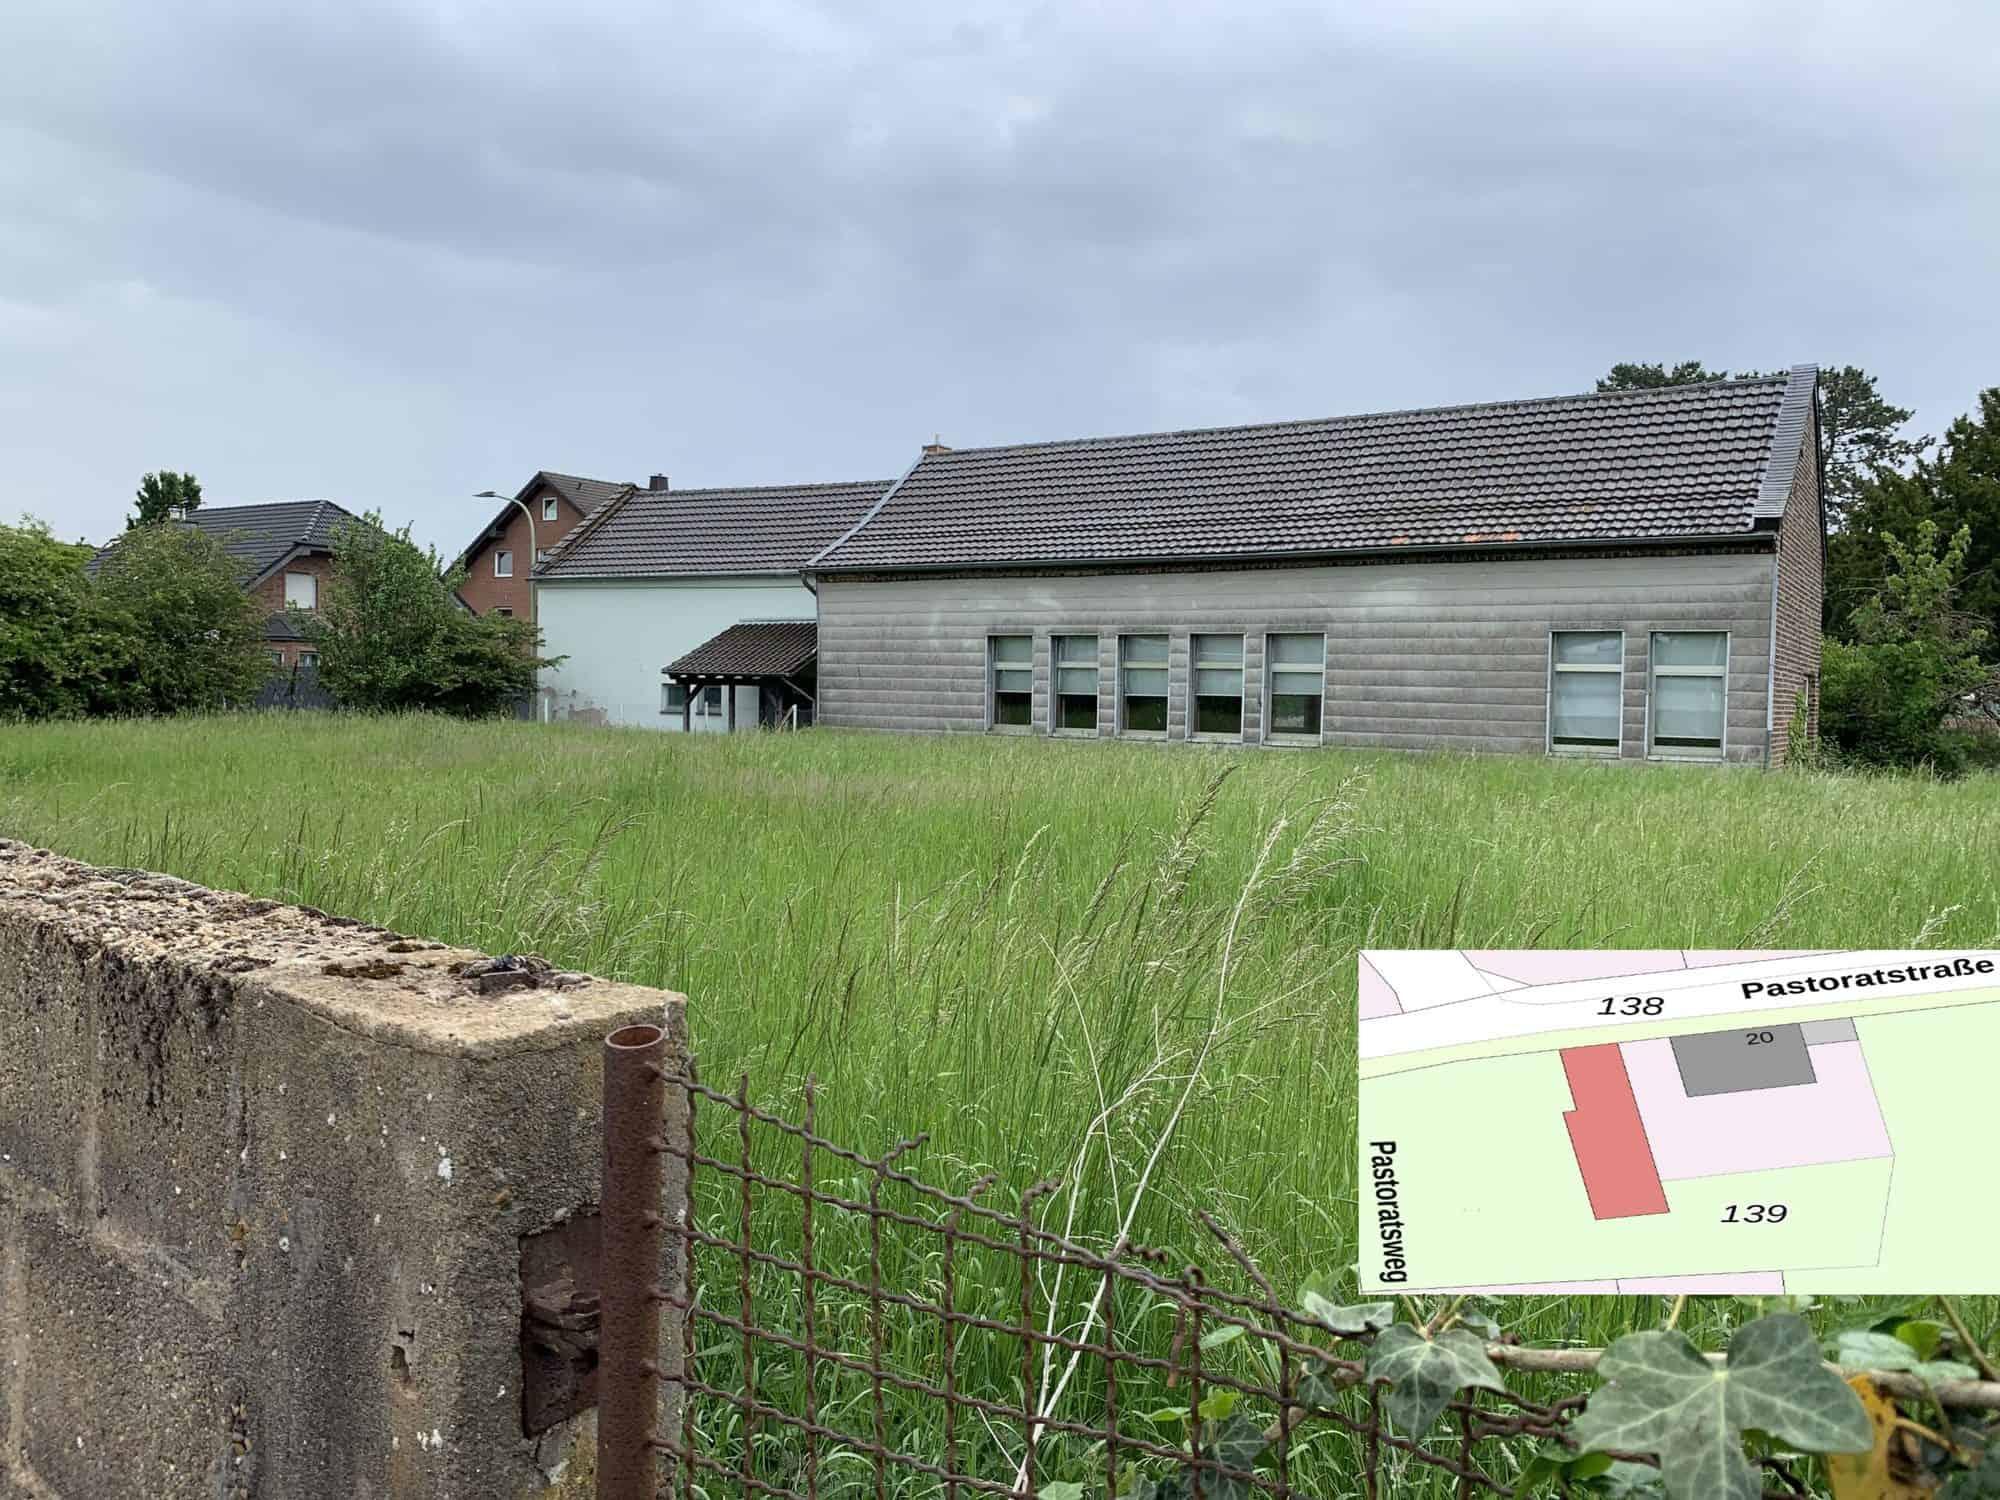 Neubau eines Multifunktionsgebäudes als Ersatz für das Jugendheim mit integriertem Feuerwehrgerätehaus für den Löschzug Golzheim